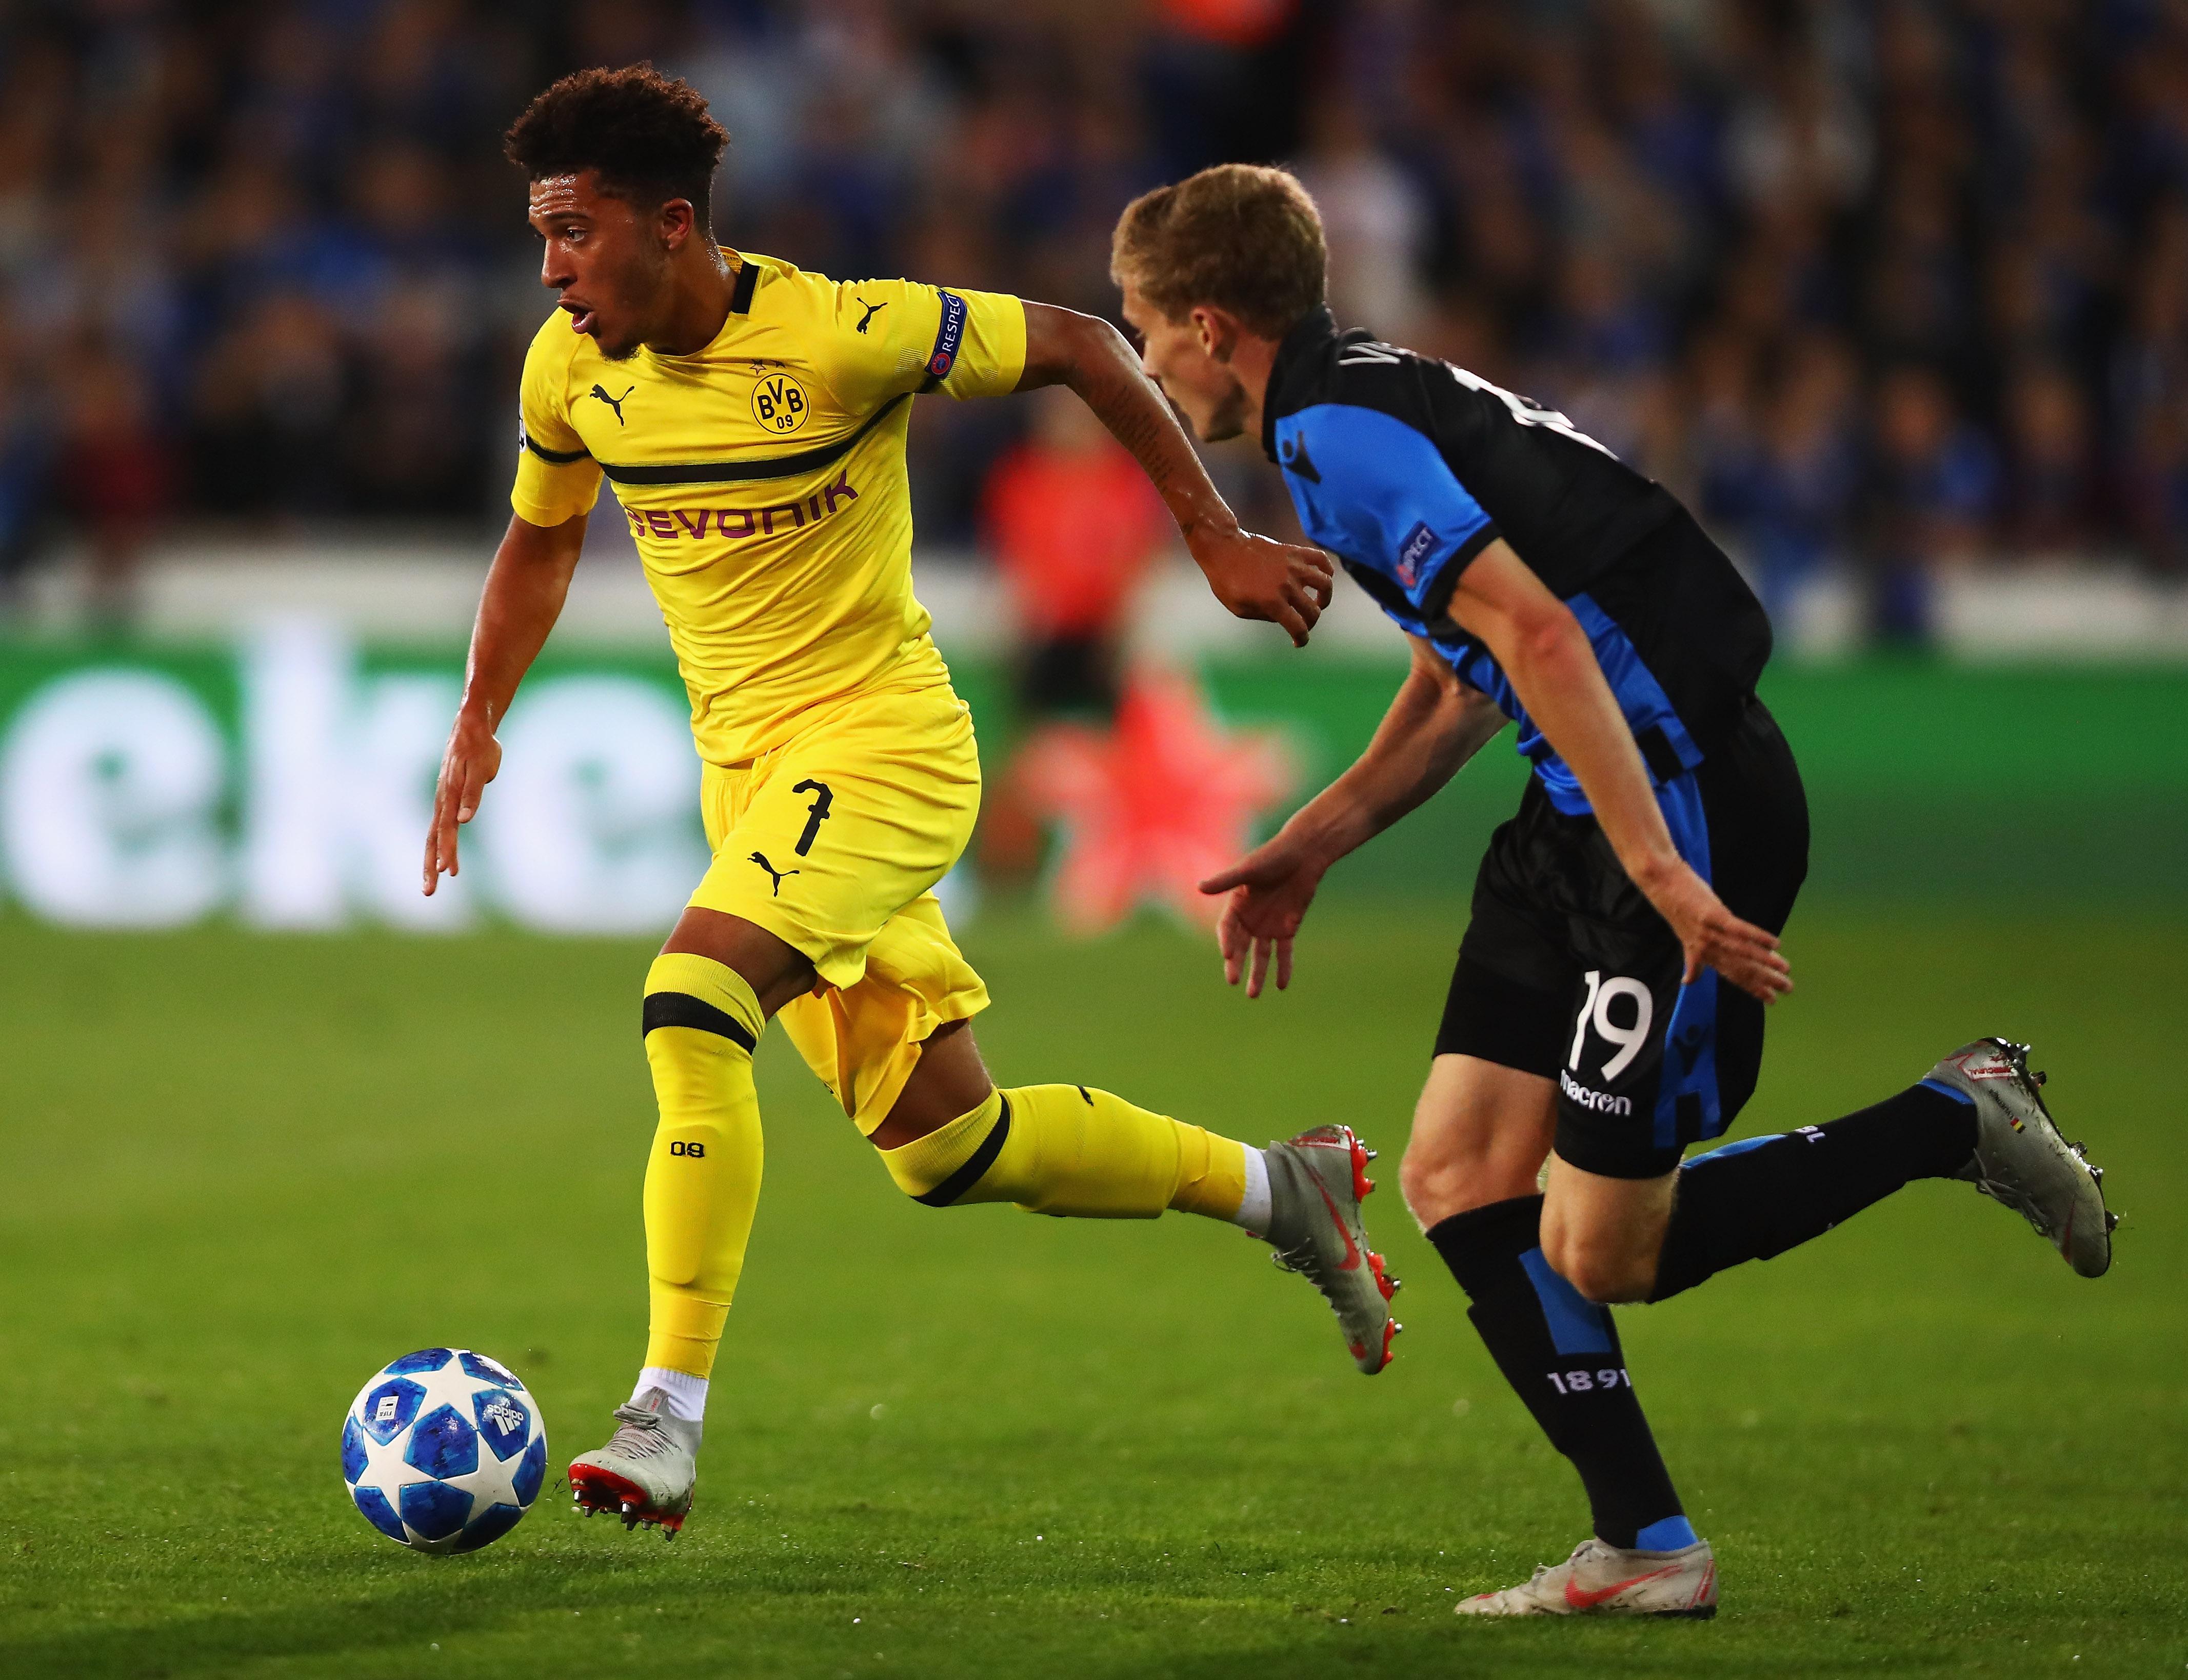 Atletico Madrid Borussia Dortmund Highlights Der Partie Im Video